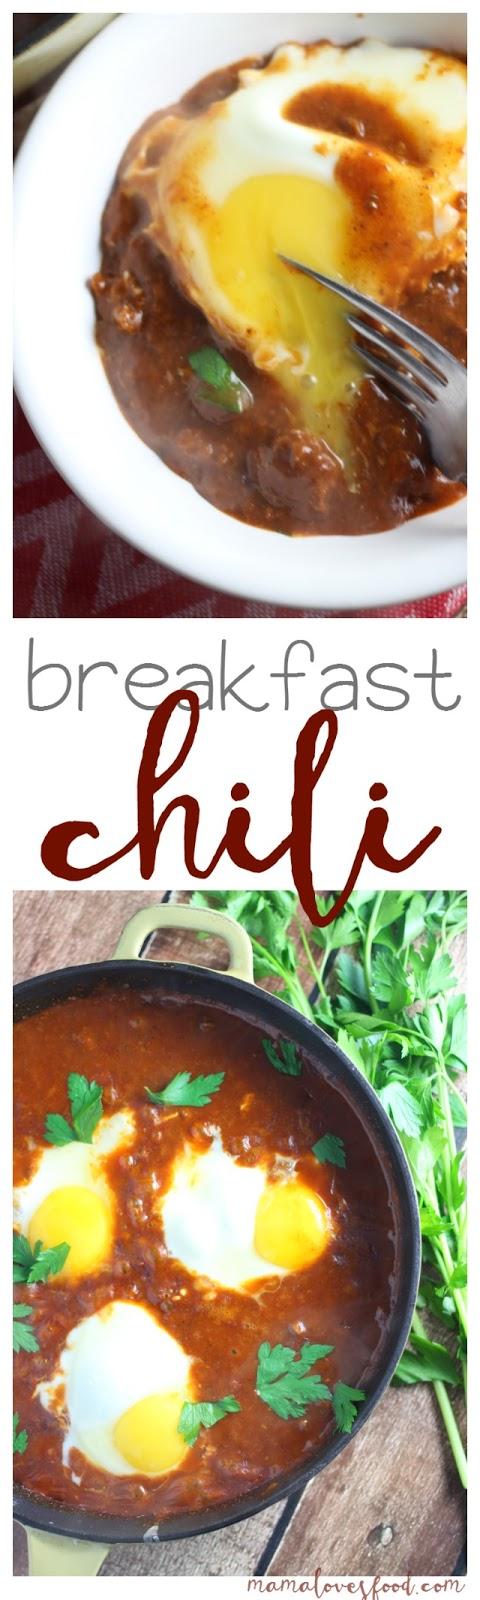 Breakfast Chili Recipe